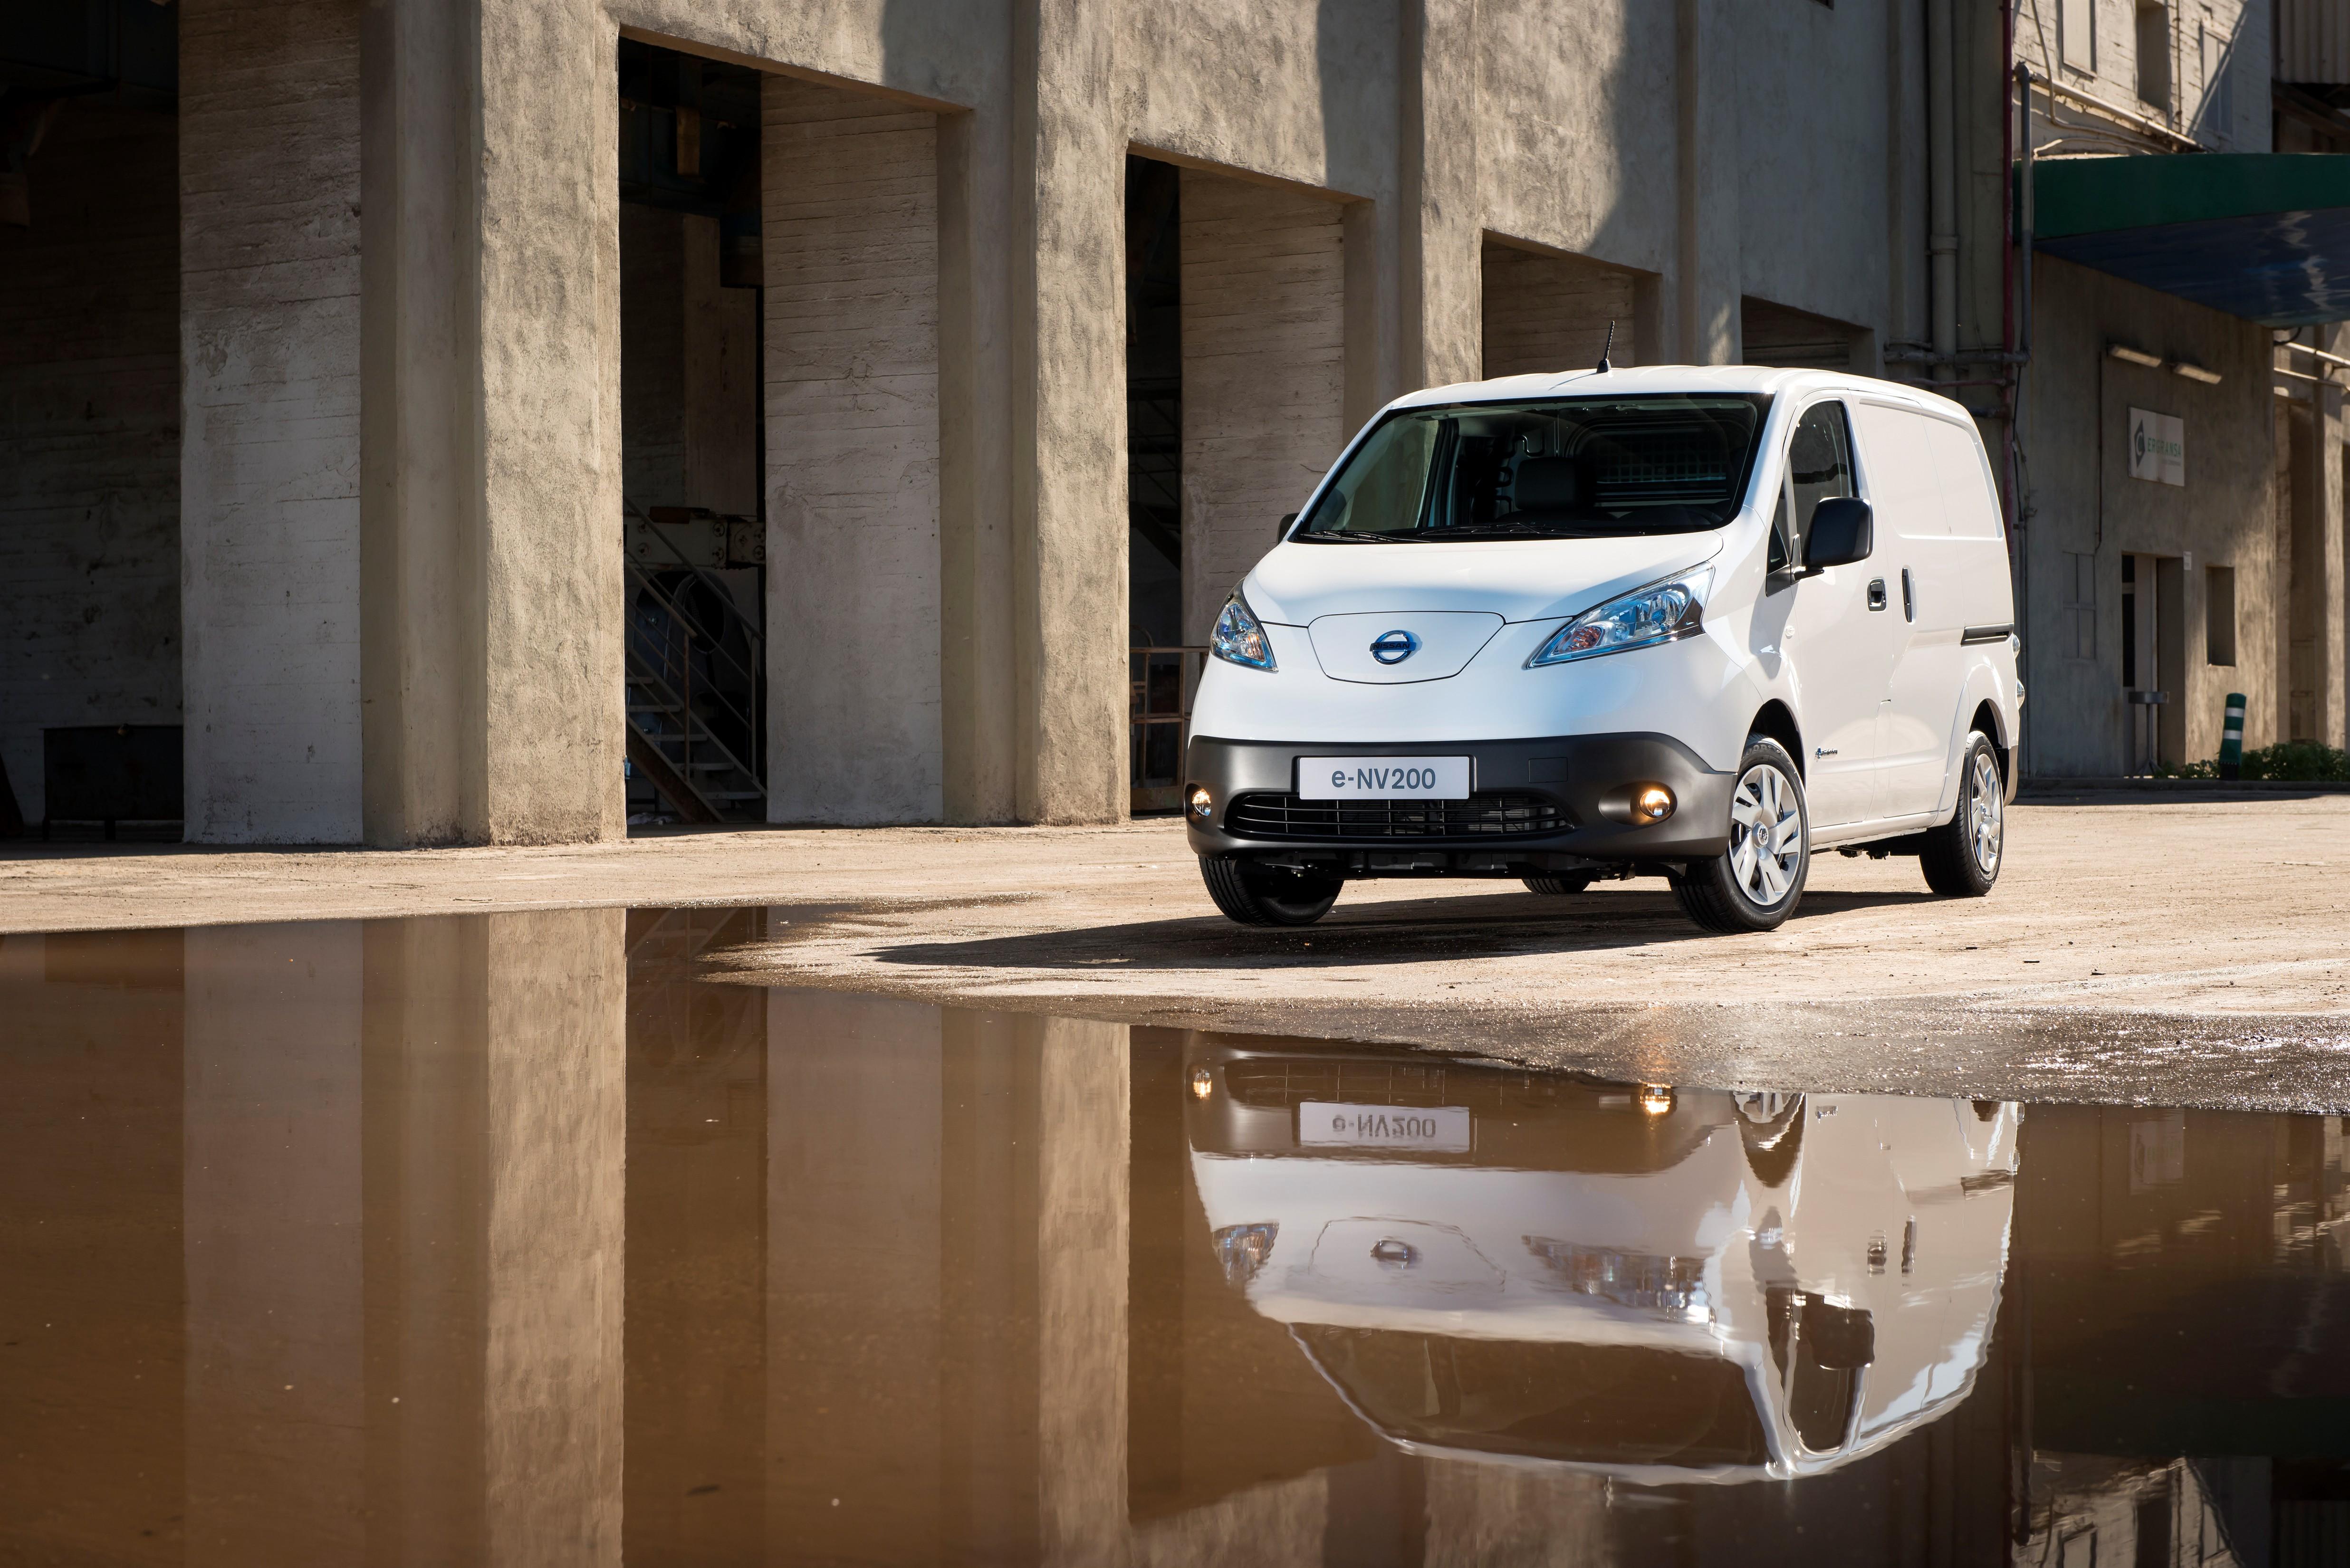 Elektryczna furgonetka – genialny pomysł, jeśli nie zważasz na koszty